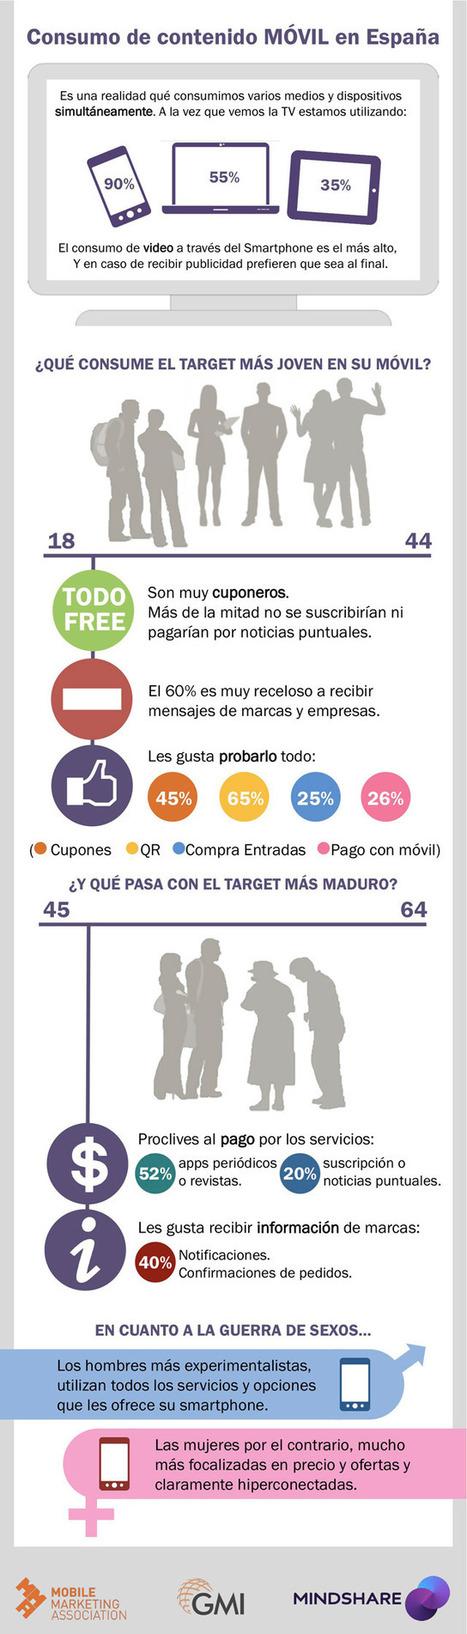 Multidispositivo y multitarea, así es el usuario tipo del móvil en España   Joaquin Lara Sierra   Scoop.it